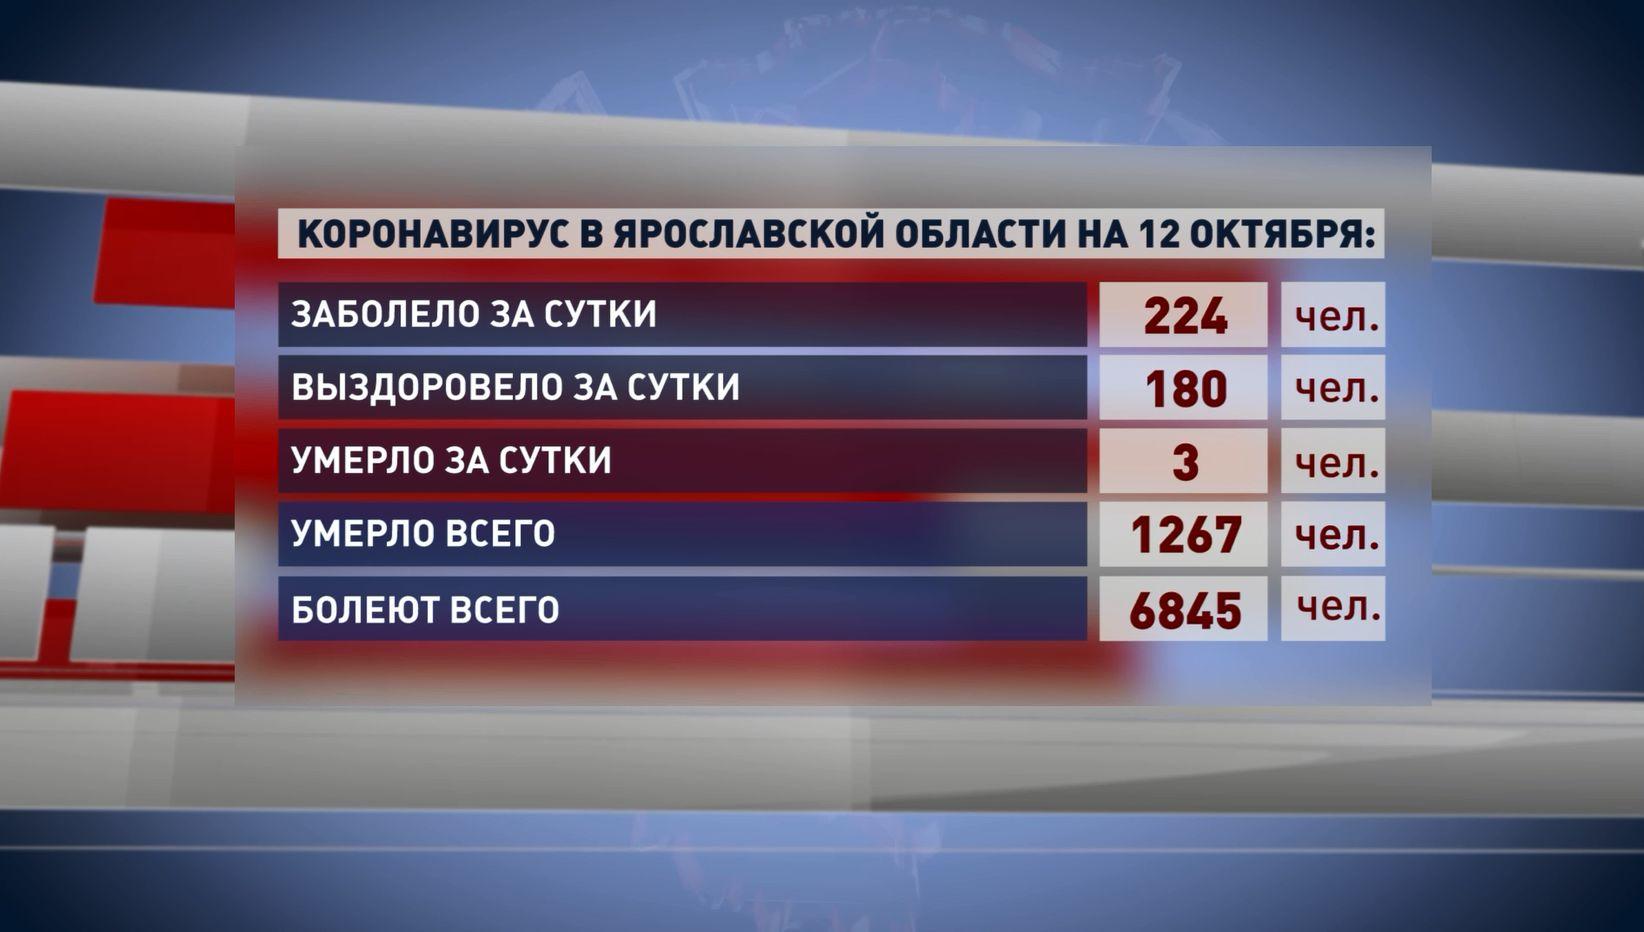 За последние сутки в Ярославской области число заболевших коронавирусом снова больше, чем справившихся с инфекцией